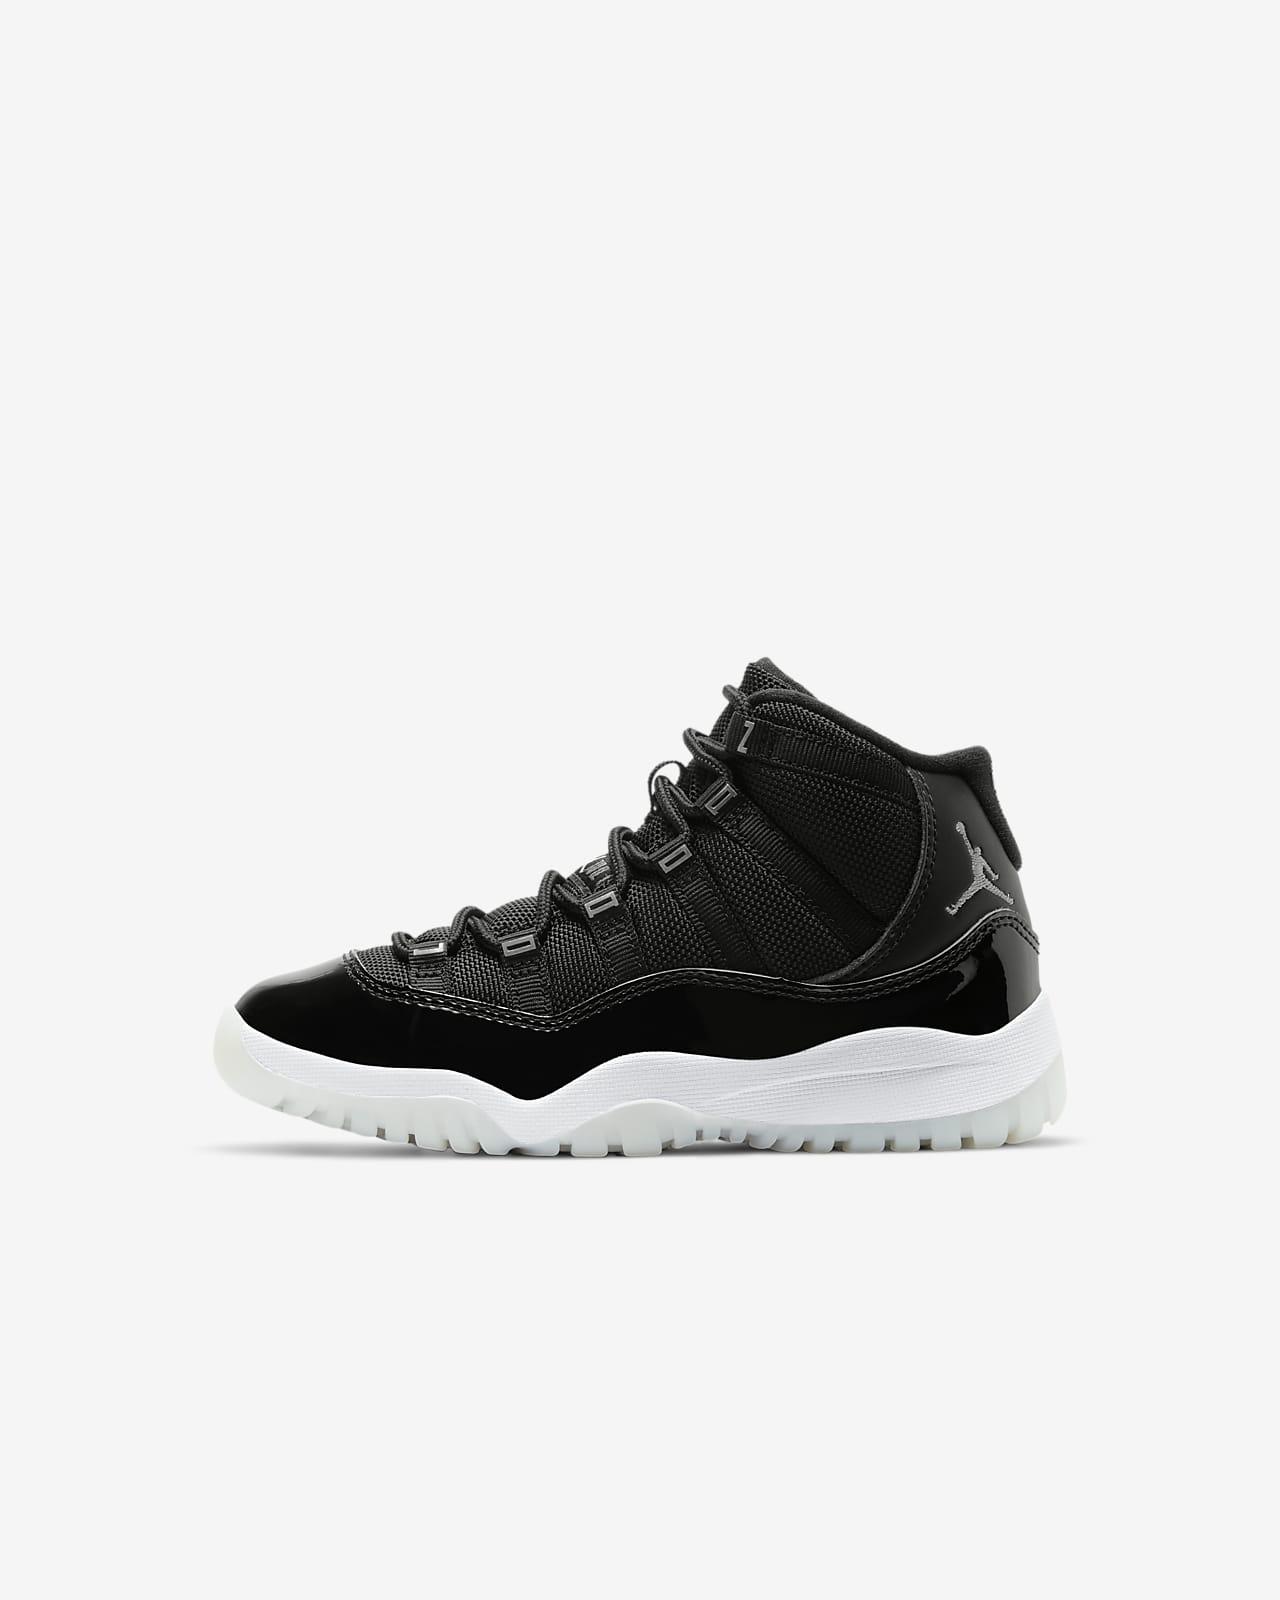 Air Jordan 11 Retro 3/4-sko til små børn